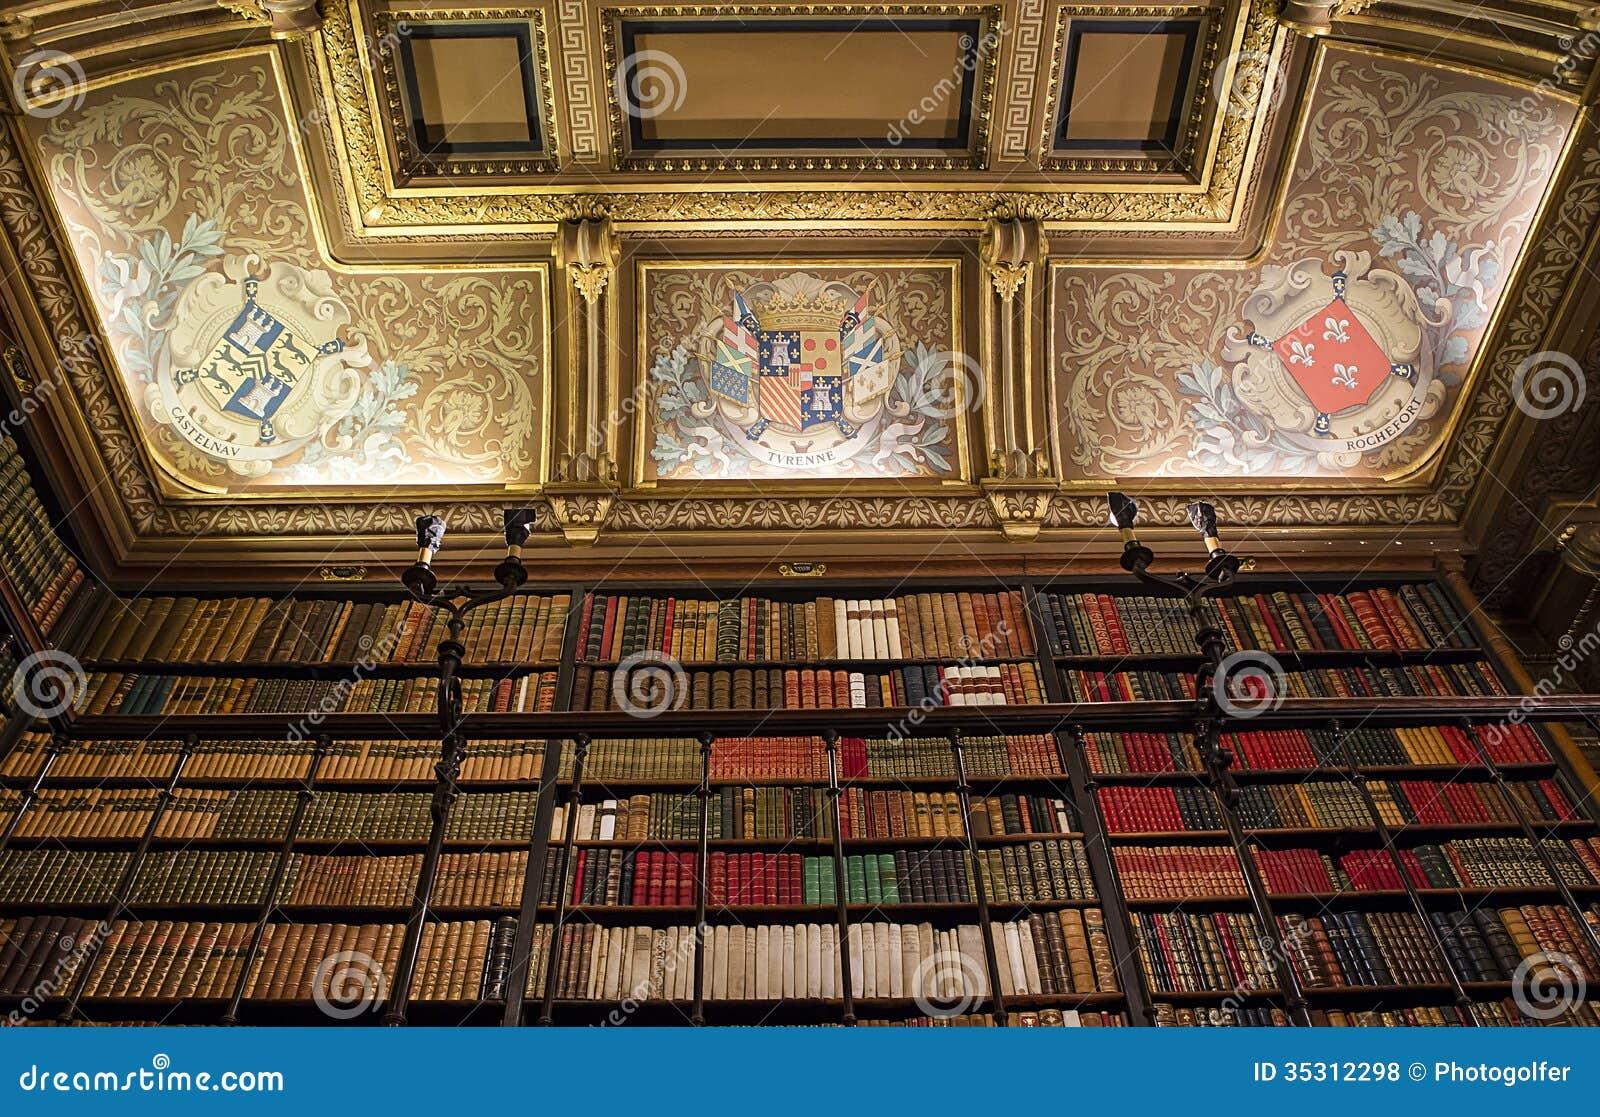 Ch teau de chantilly biblioth que l 39 oise france photo for France interieur